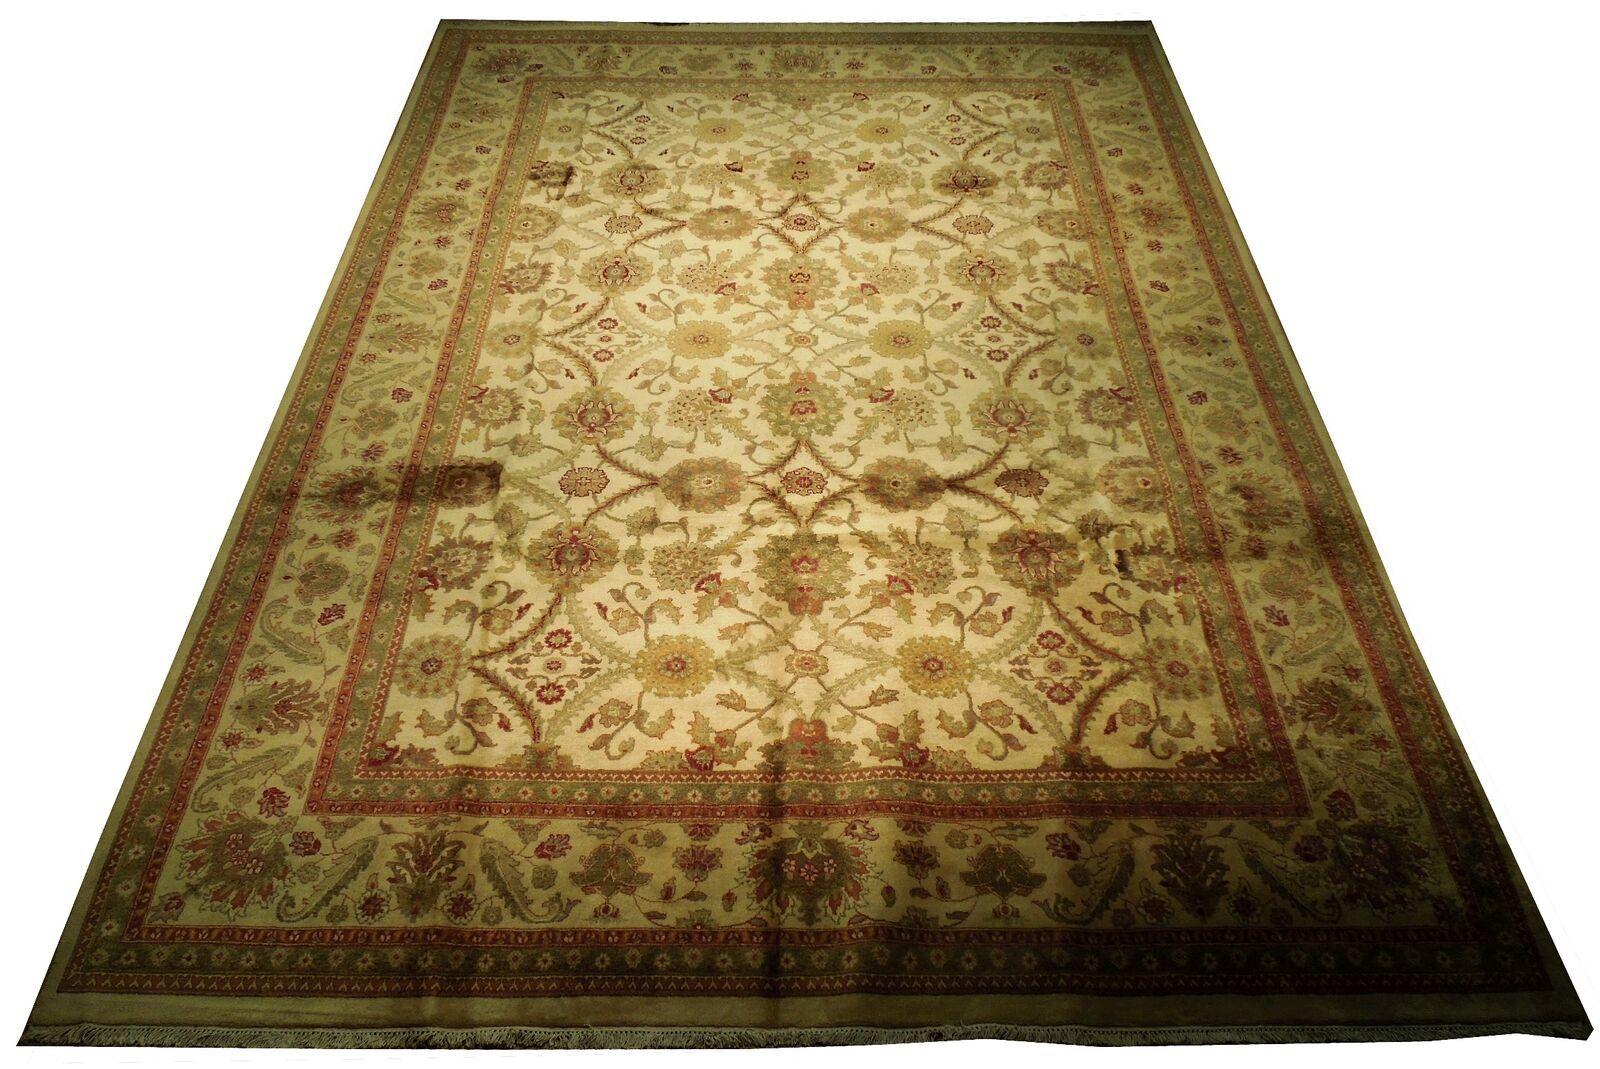 New Smooth Wool Authentic Handmade 10' x 14' Beige Jaipur Wool Rug